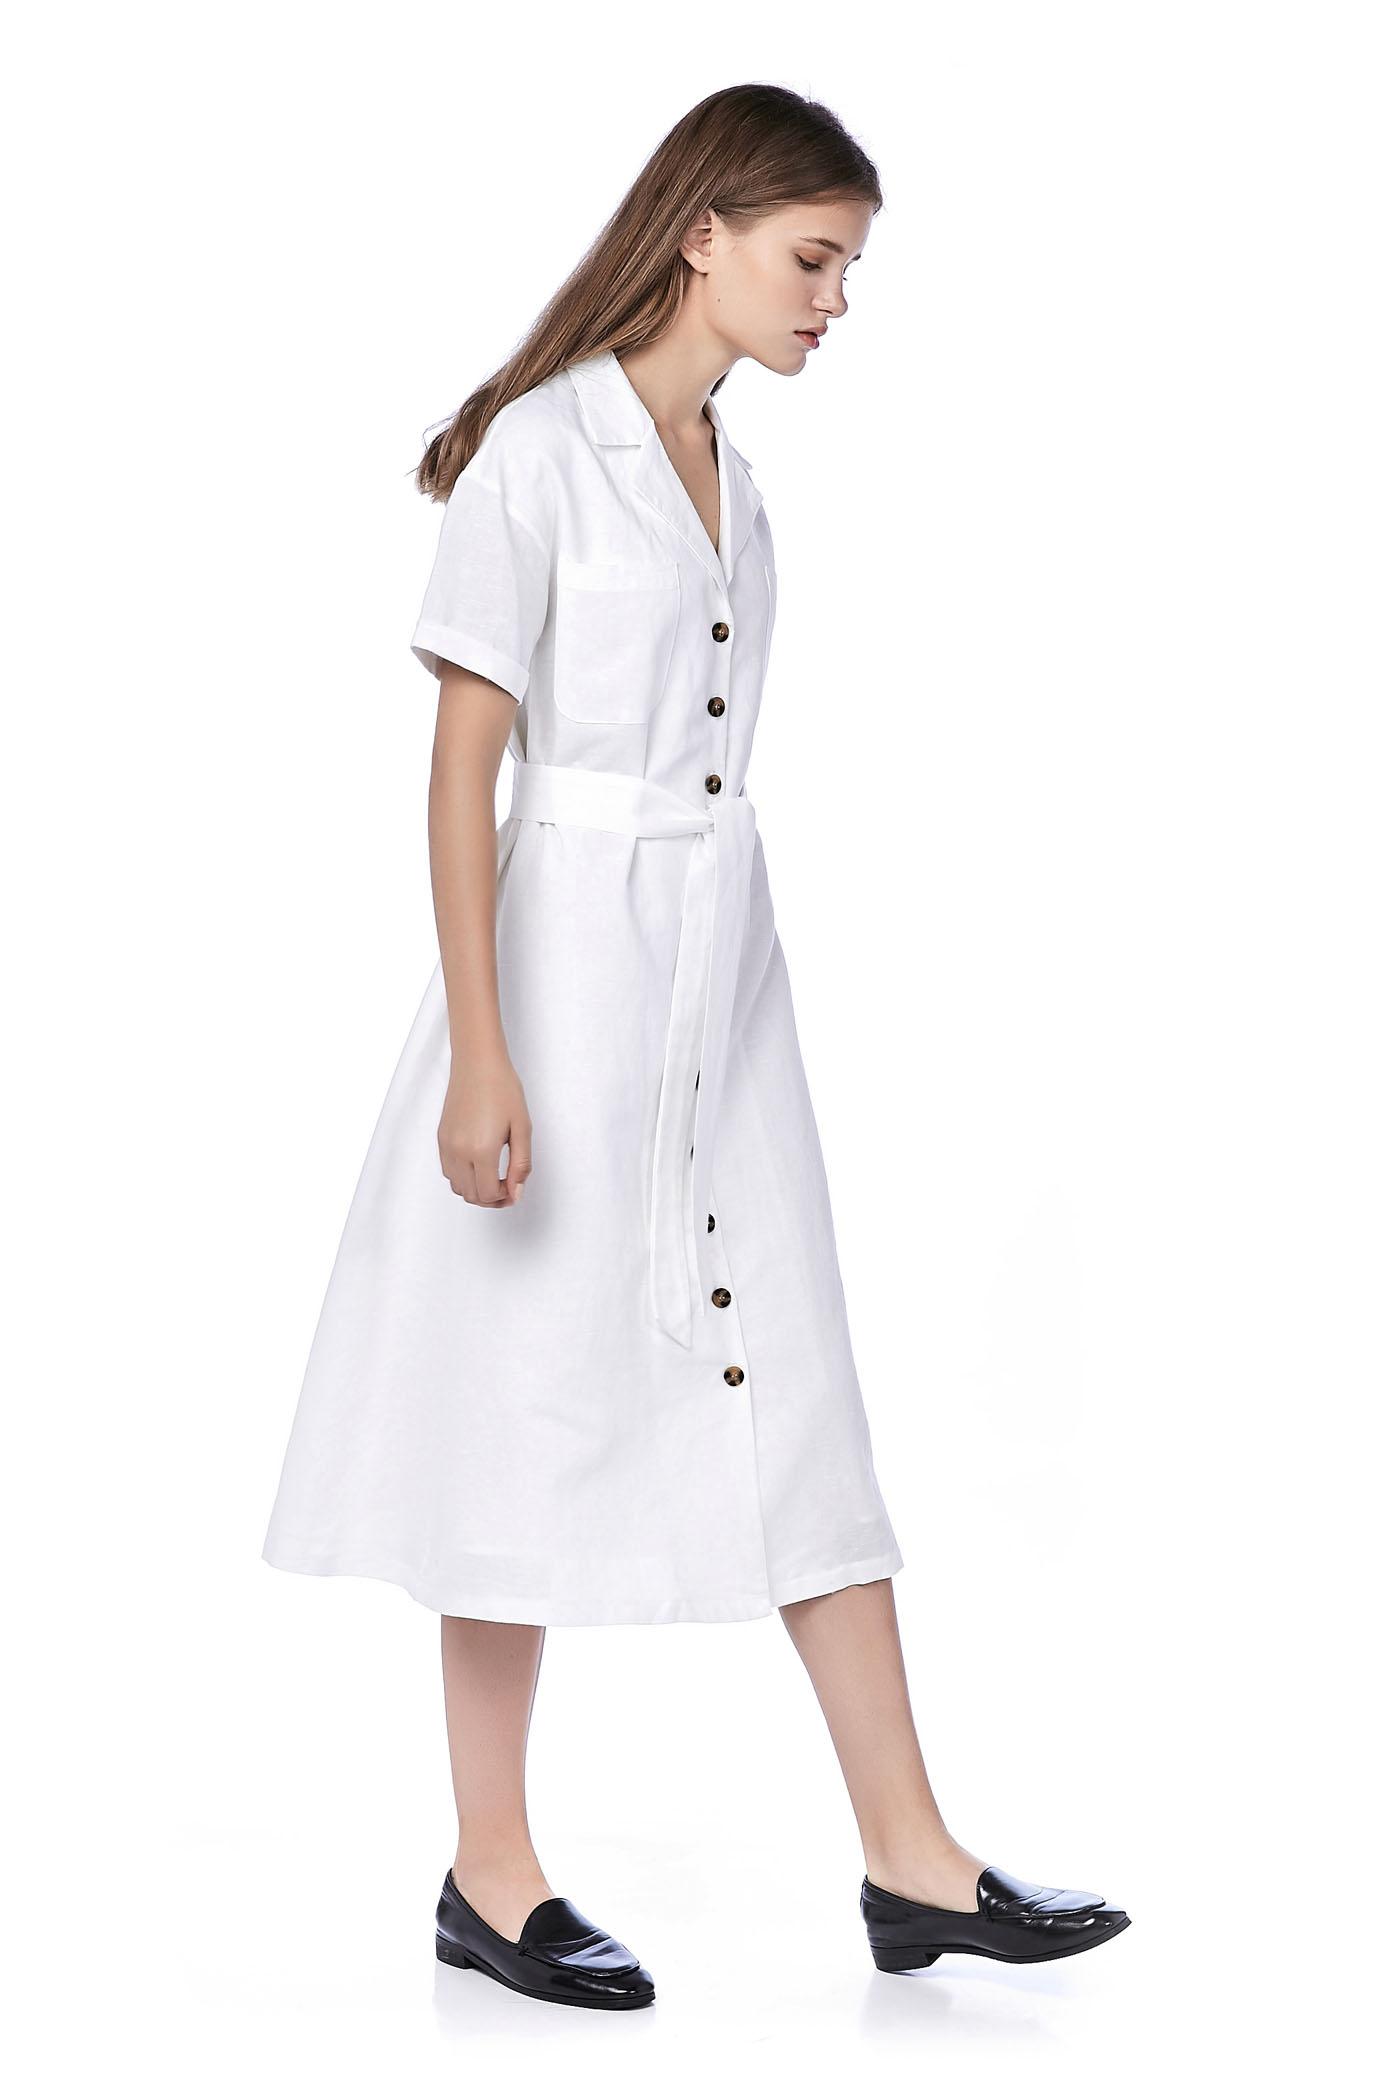 7afffe38c0 Cece Button-Through Shirt Dress